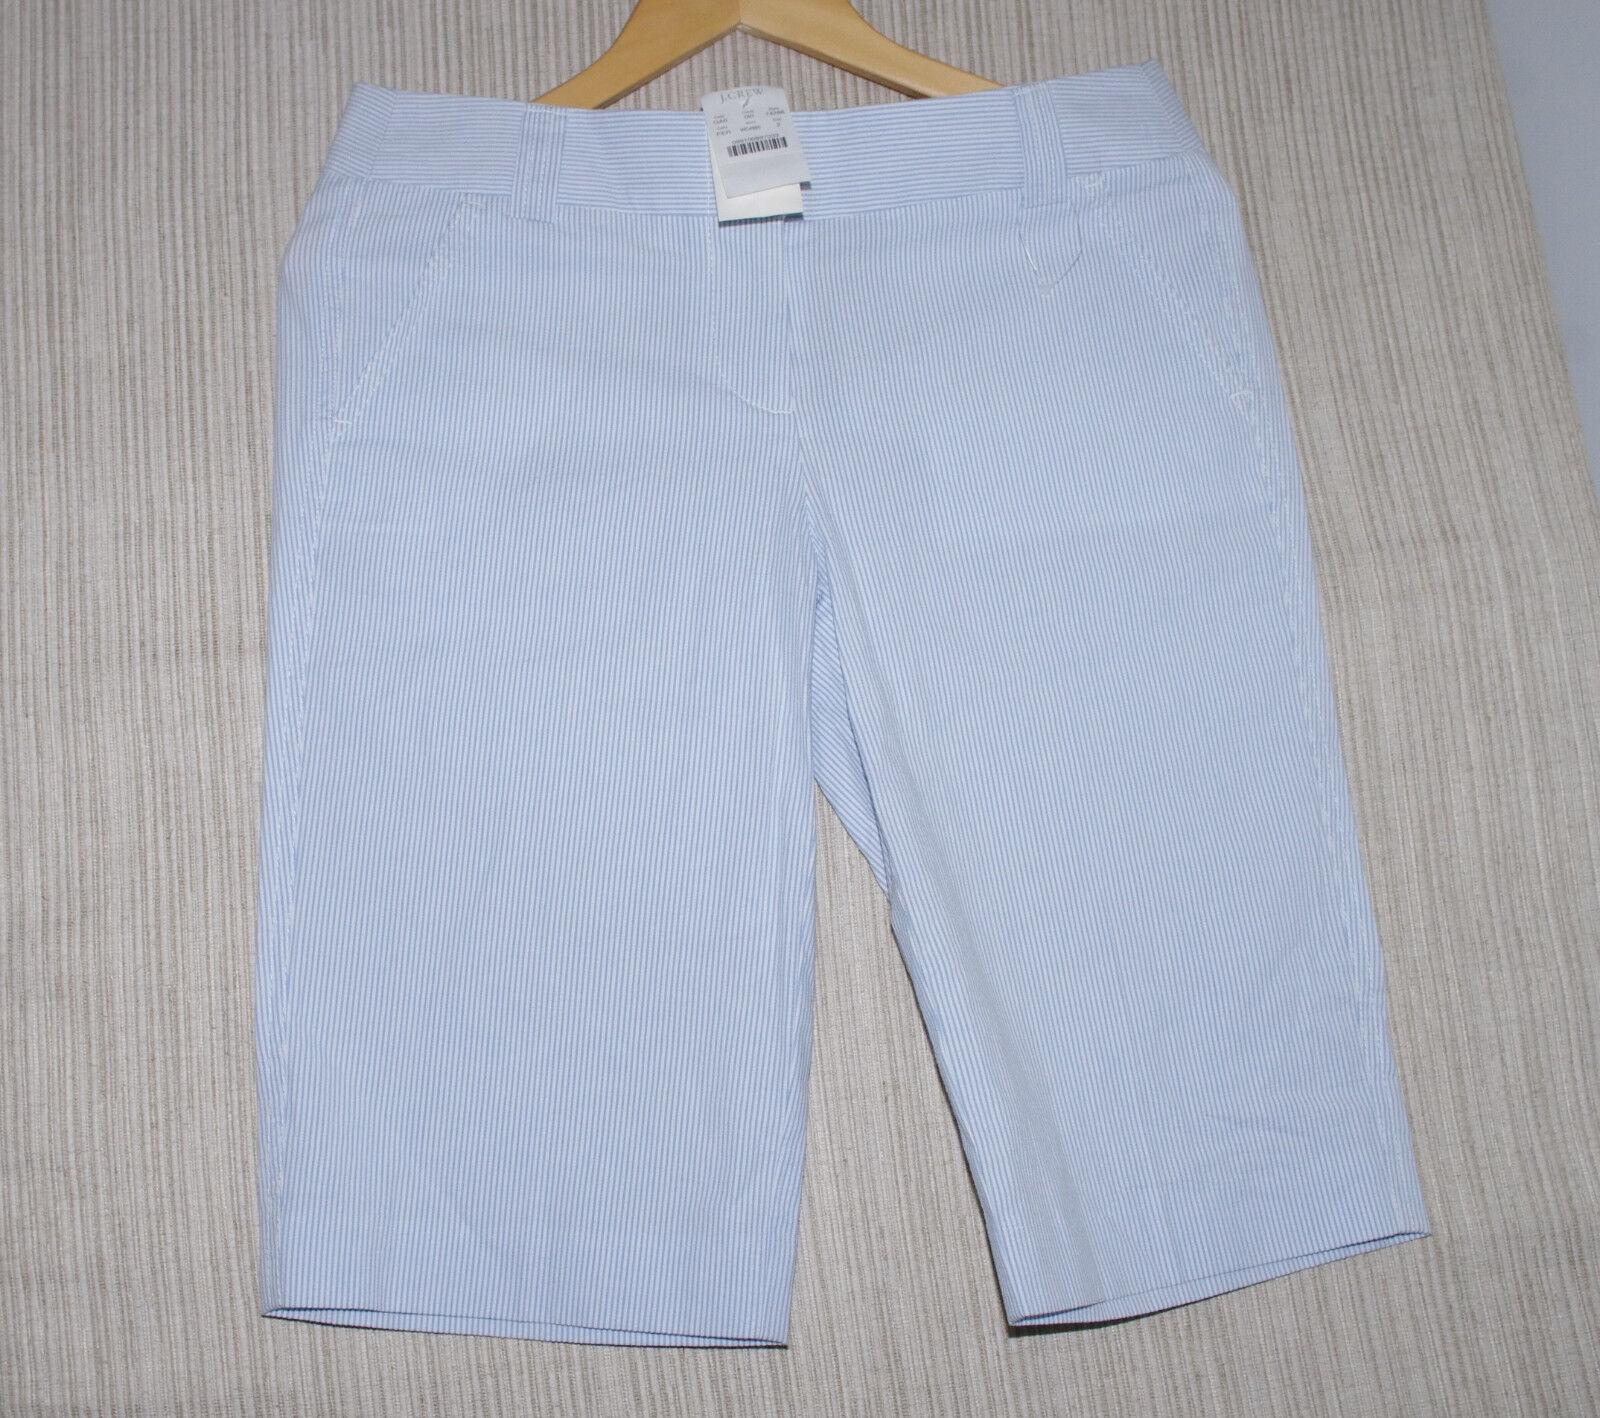 J.Crew bluee White Cotton Striped Women Bermuda Shorts Size  2